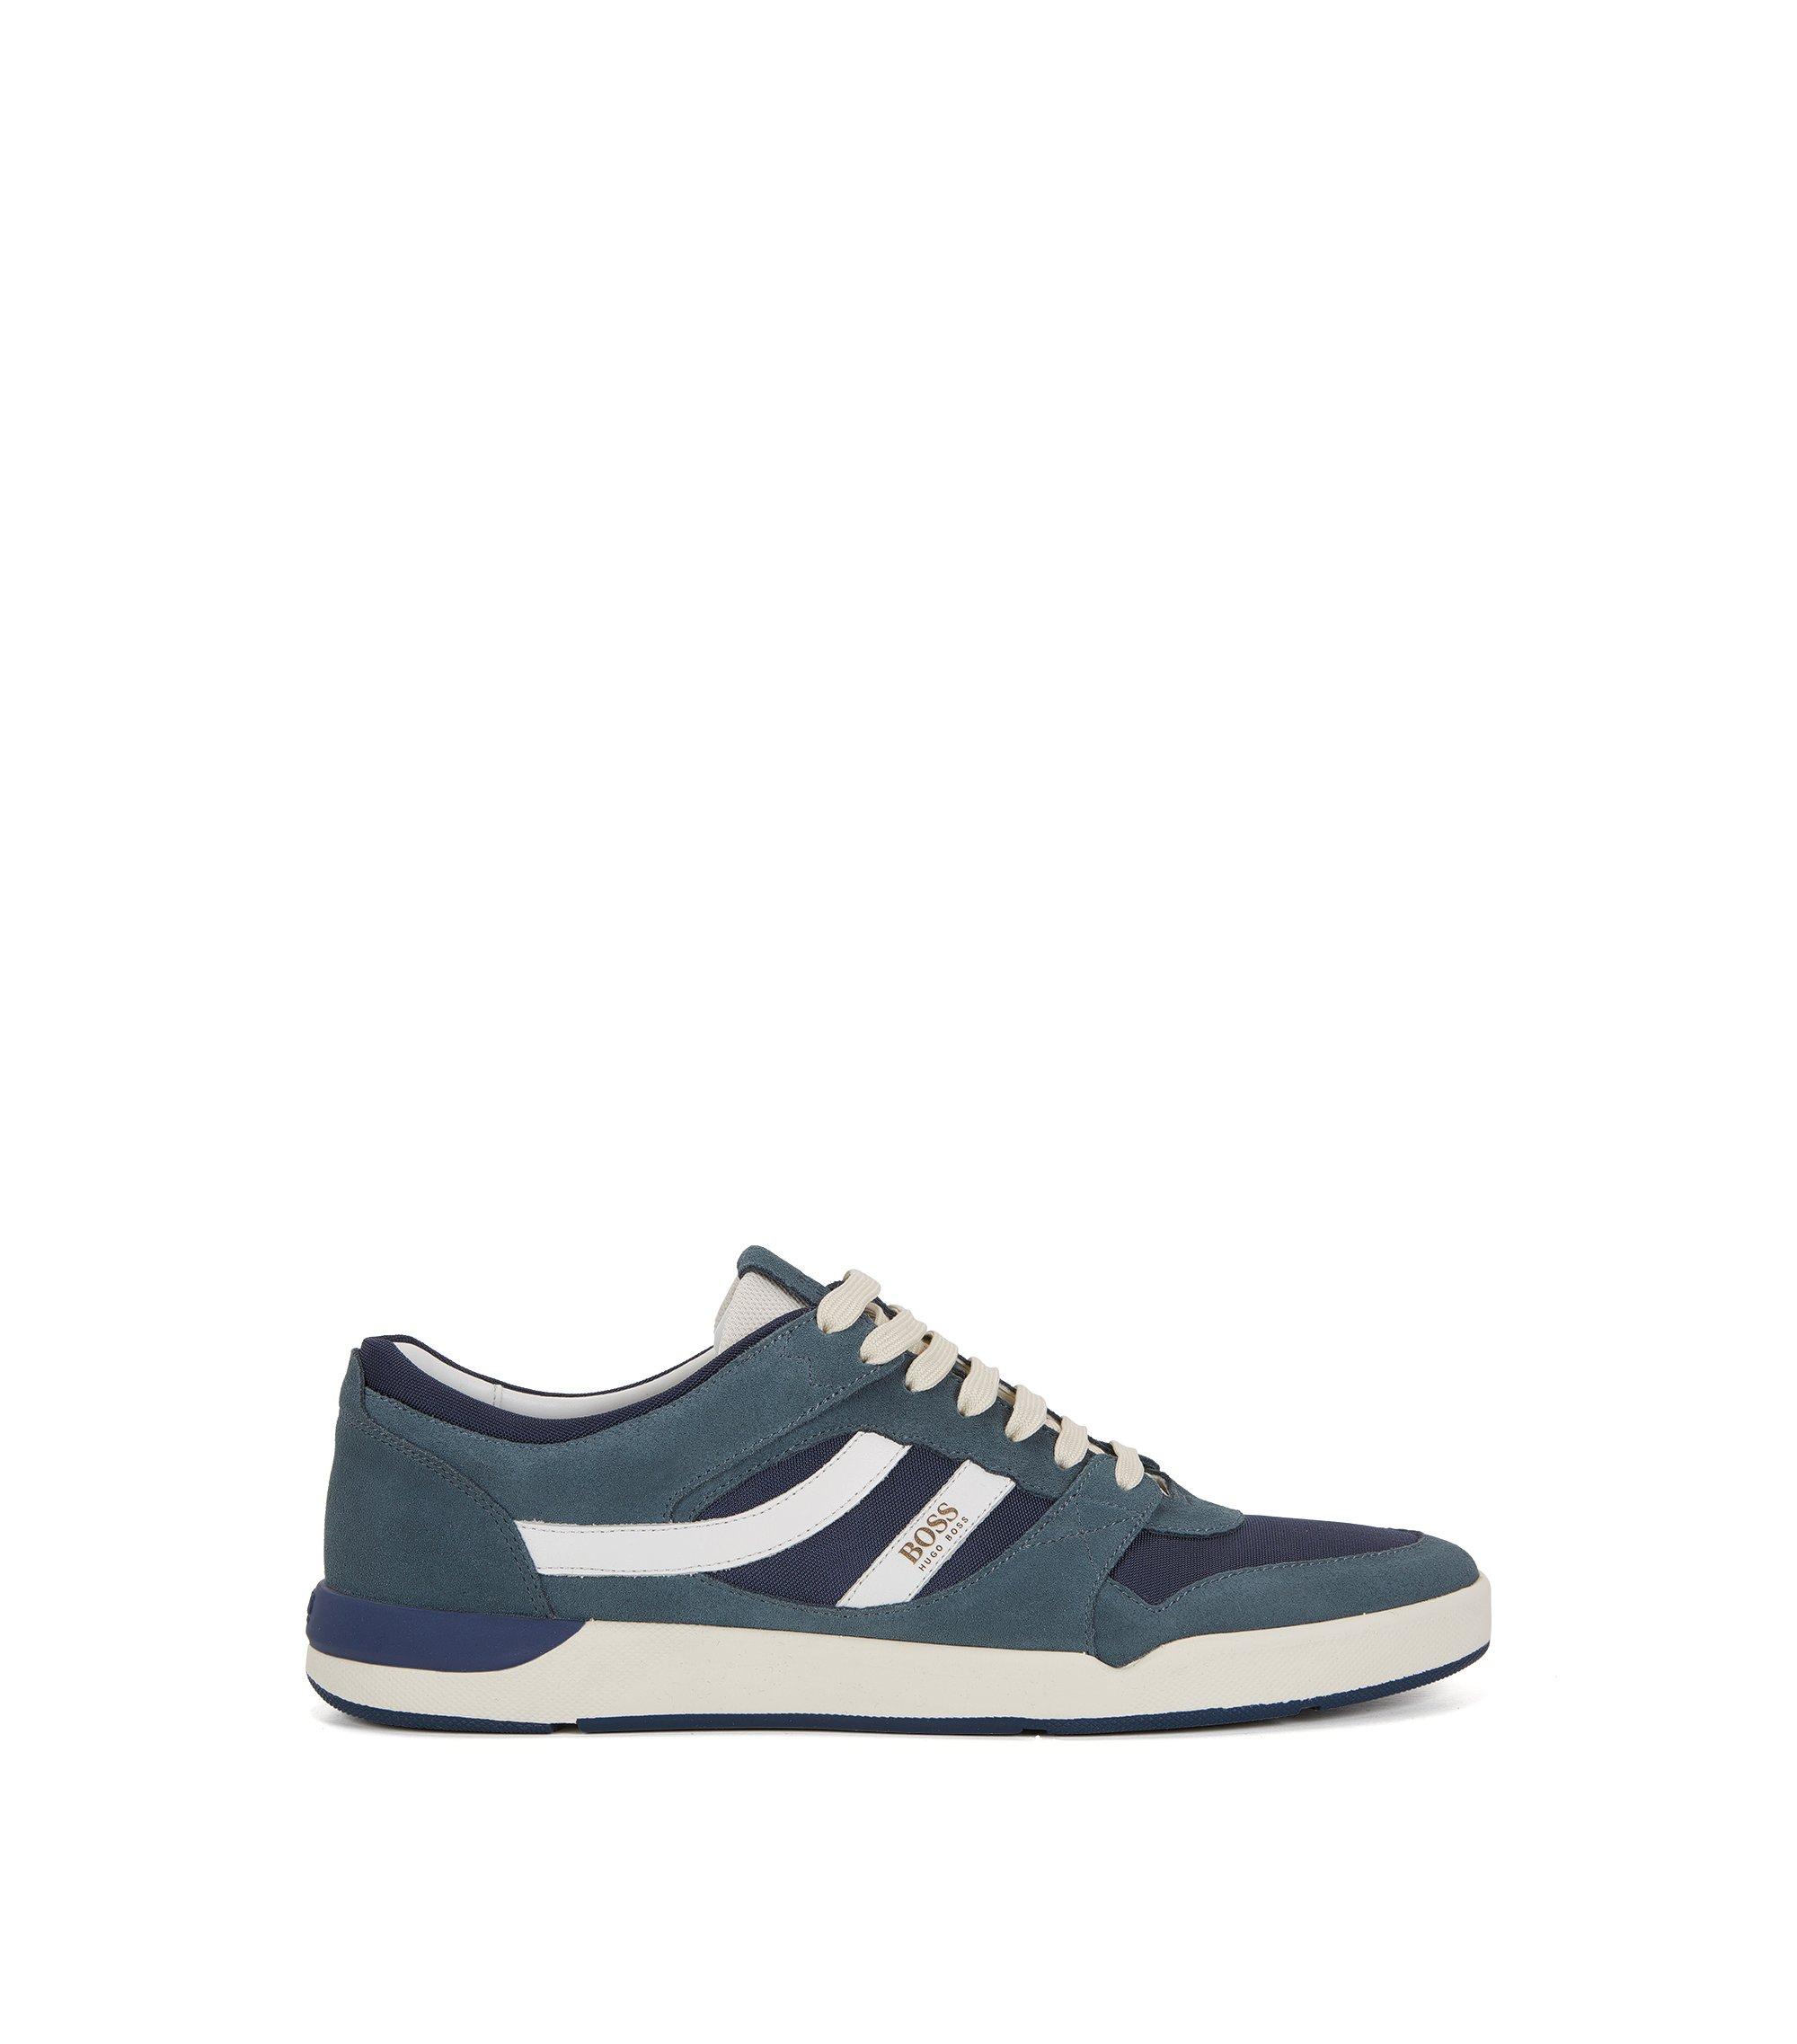 Lage sneakers met Strobel-constructie, Blauw